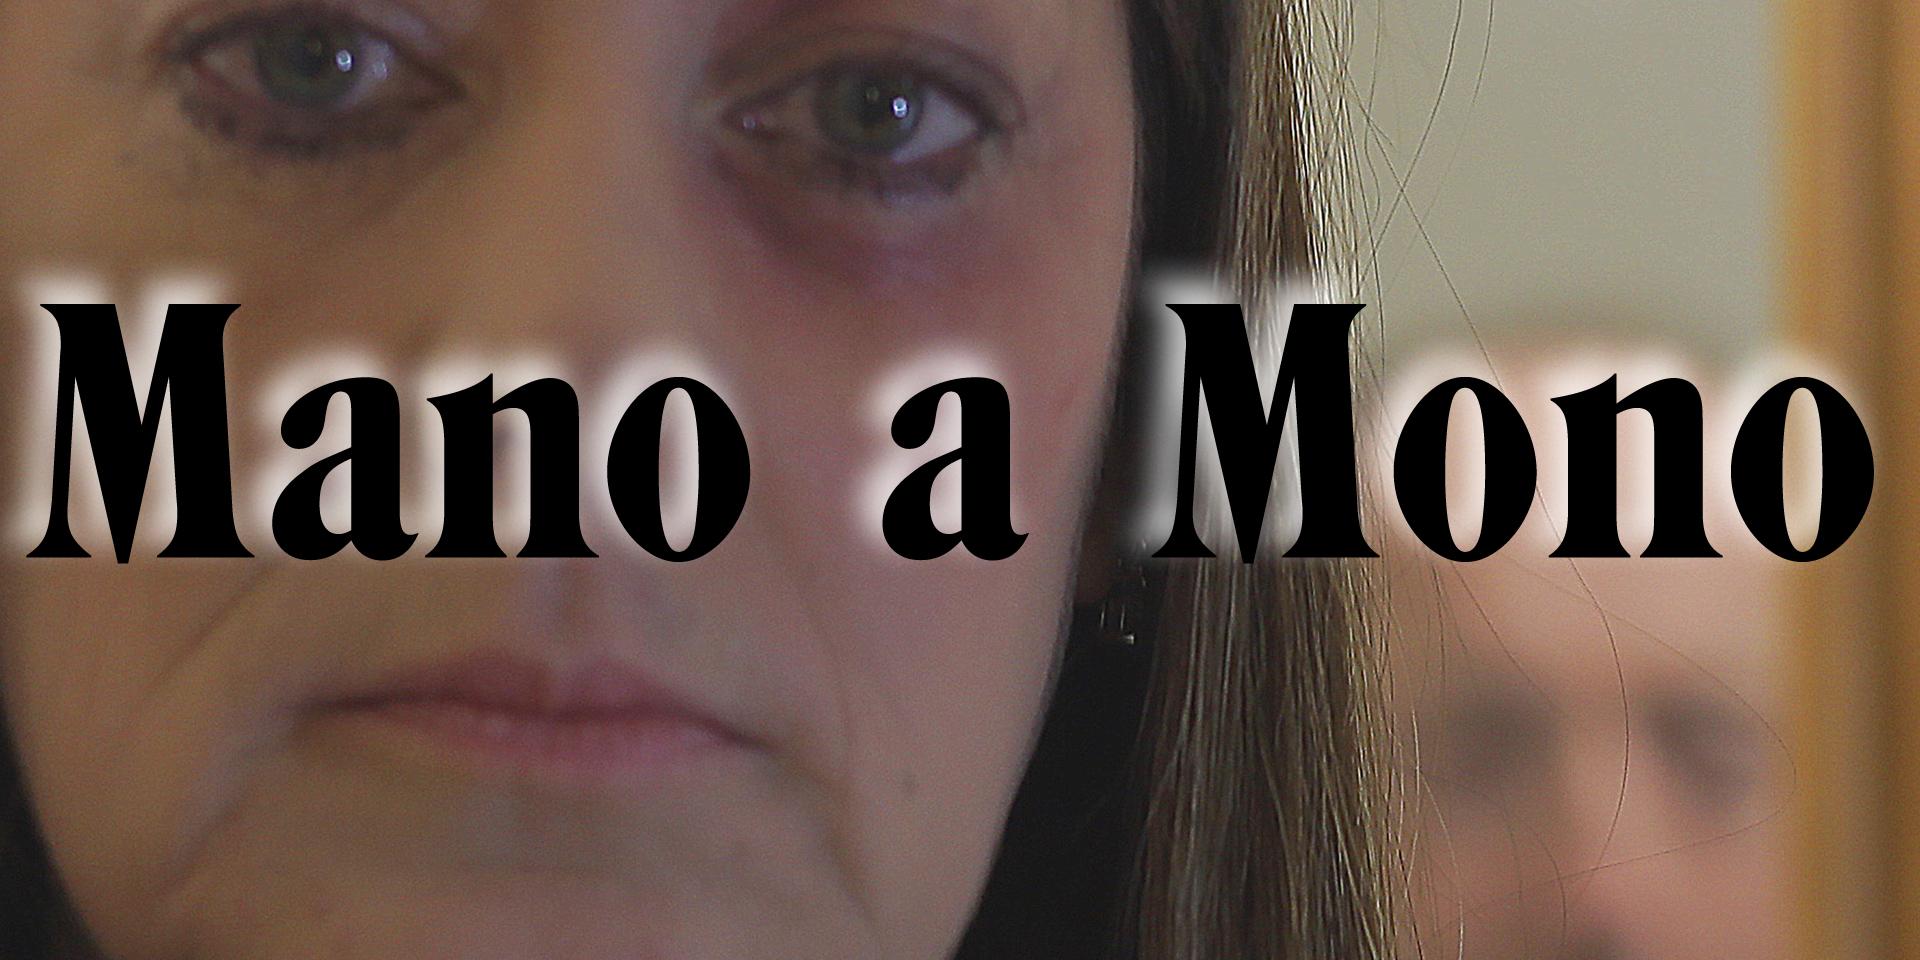 Mano 2x1 - Chunks of Horror Season 2